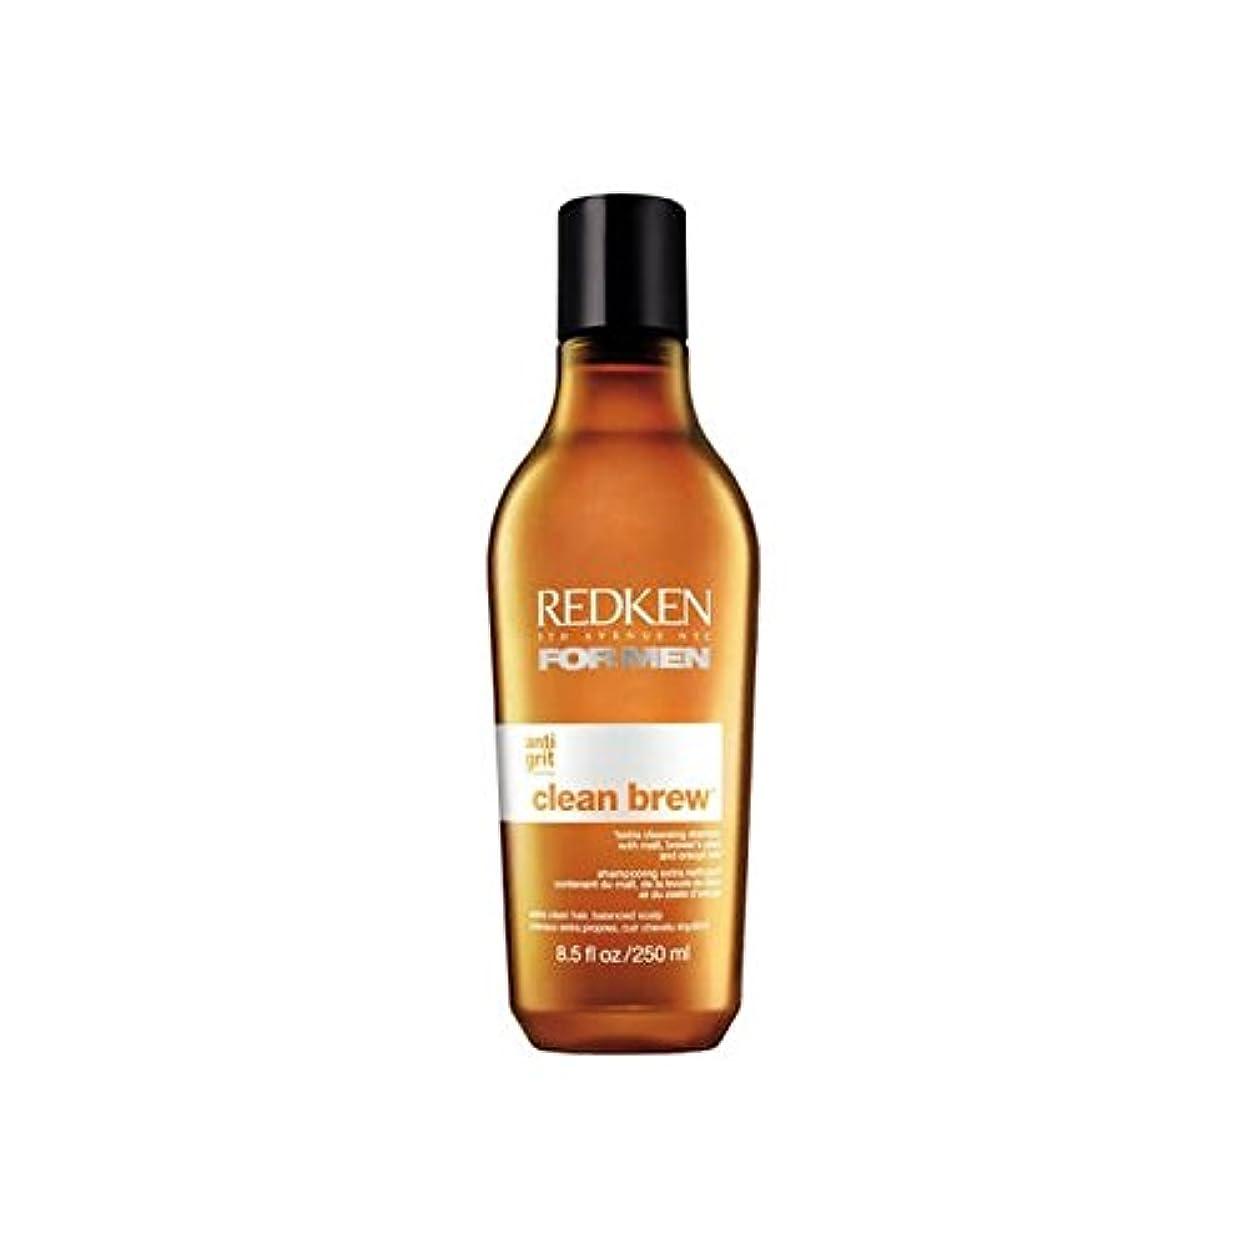 季節陪審原告男性きれいな醸造エクストラクレンジングシャンプー250用レッドケン x2 - Redken For Men Clean Brew Extra Cleansing Shampoo 250ml (Pack of 2) [並行輸入品]